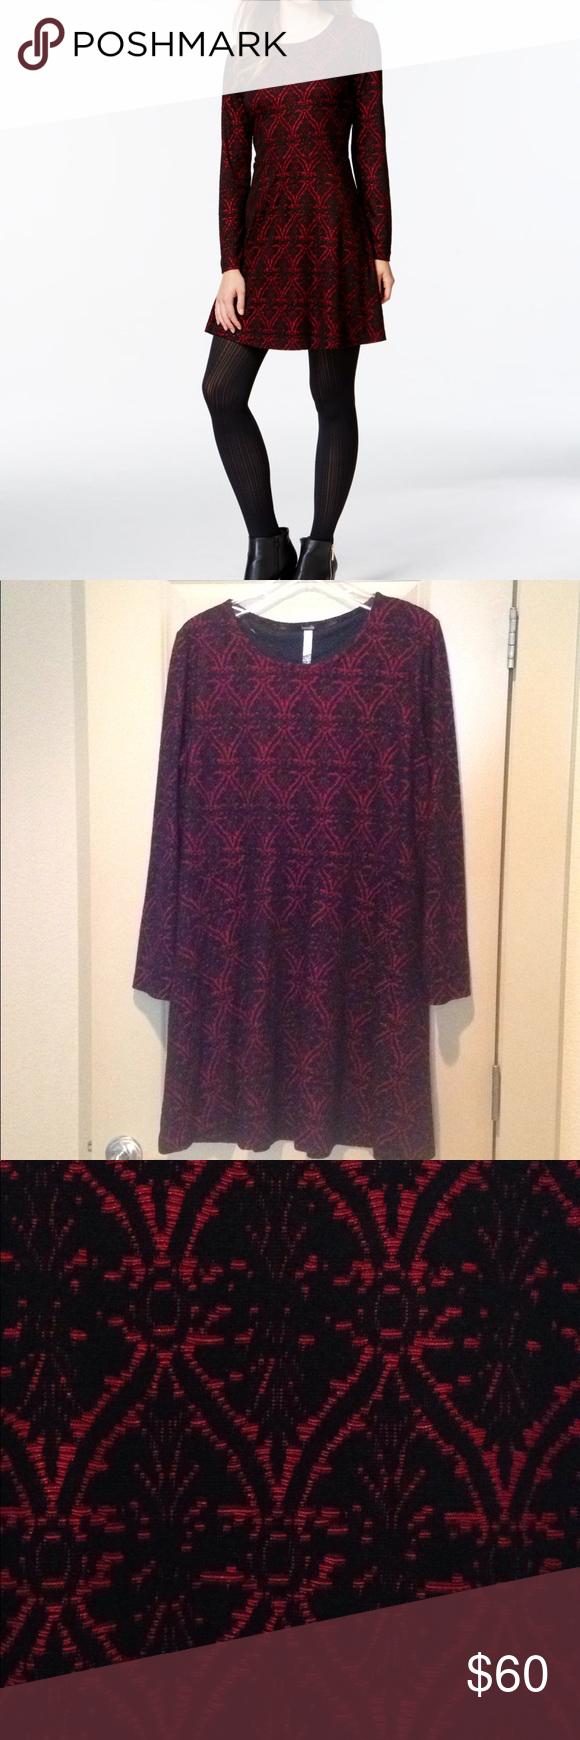 Kensie red and black longsleeved dress nwt black velvet red